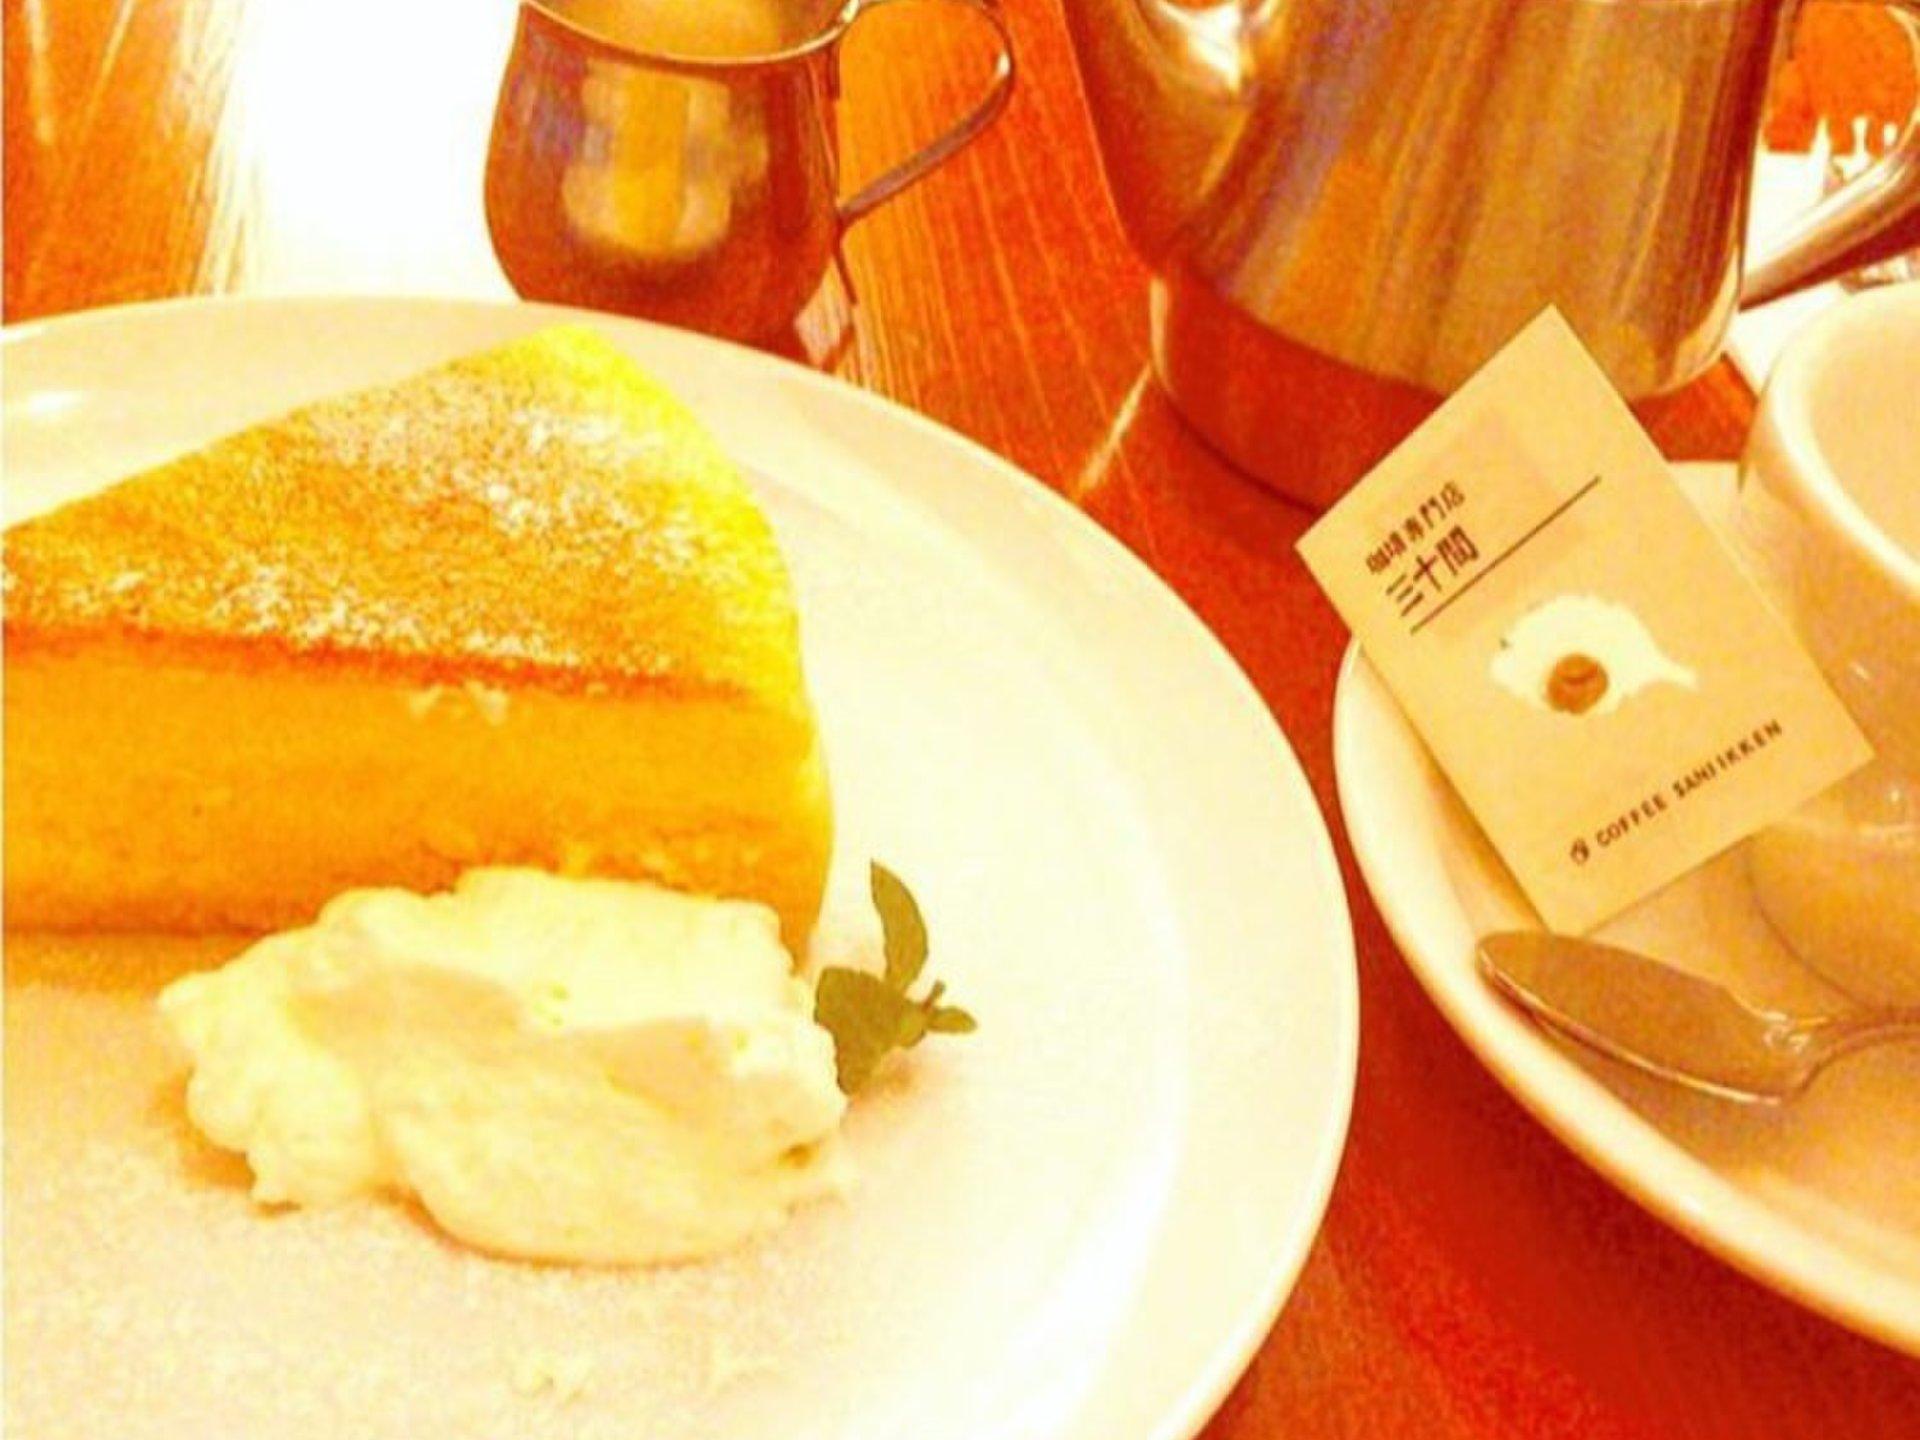 【デート・女子会・お洒落・青山・カフェ】珈琲の味や香りを落ち着いた空間で楽しみたいならここ!